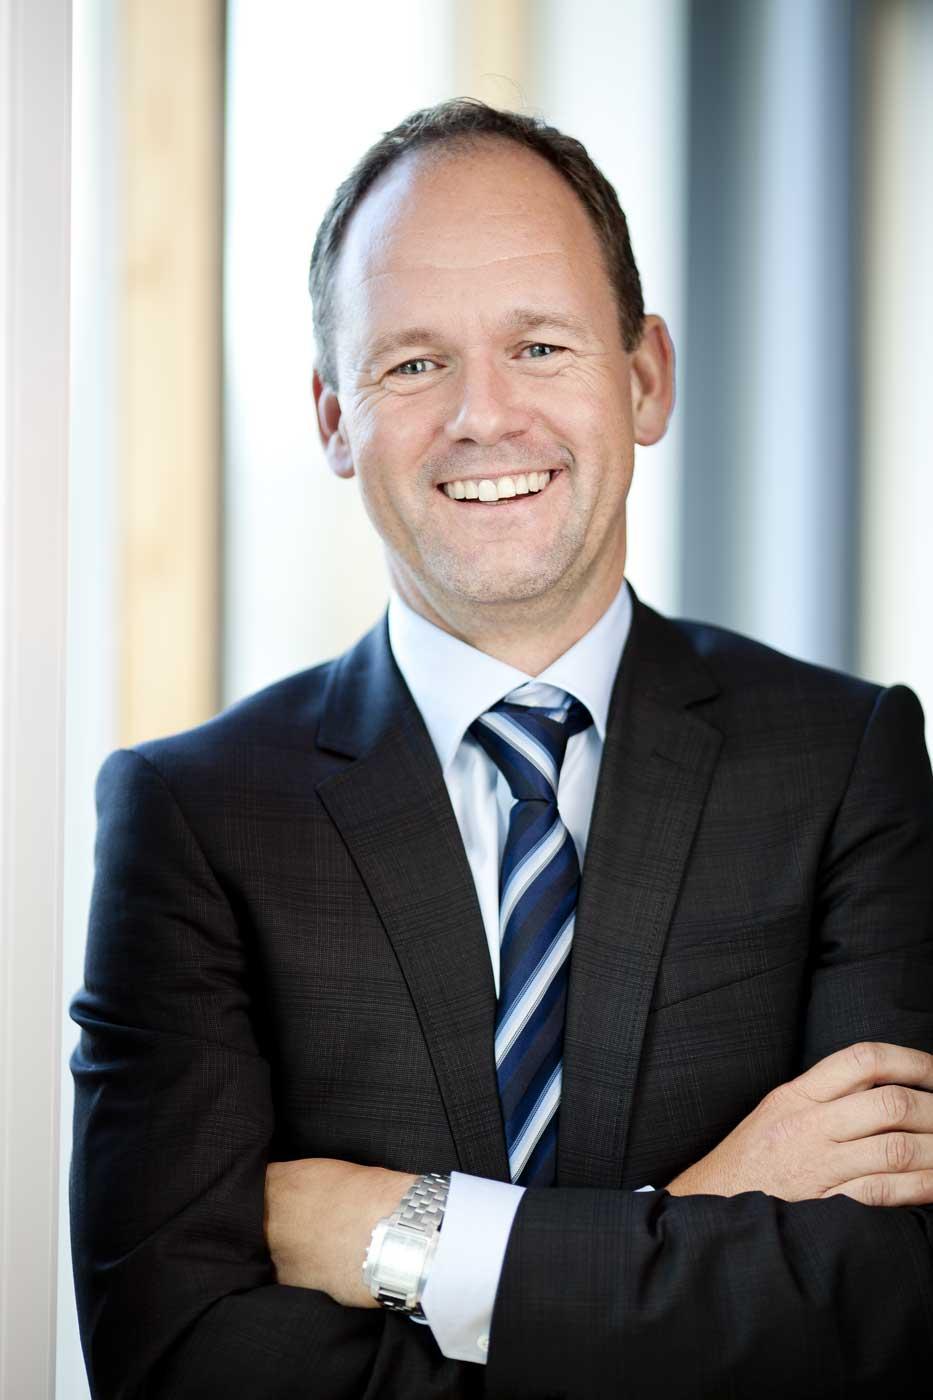 Carl Magnus Månsson , vd och koncernchef, Acando.  Carl-Magnus har varit VD och Koncernchef på Acando sedan 2009. I Sverige finns kontor i Stockholm, Göteborg, Malmö, Västerås och Falun.  Acando är totalt 1700 konsulter i fem länder, Sverige, Norge, Finland,Tyskland och Lettland.